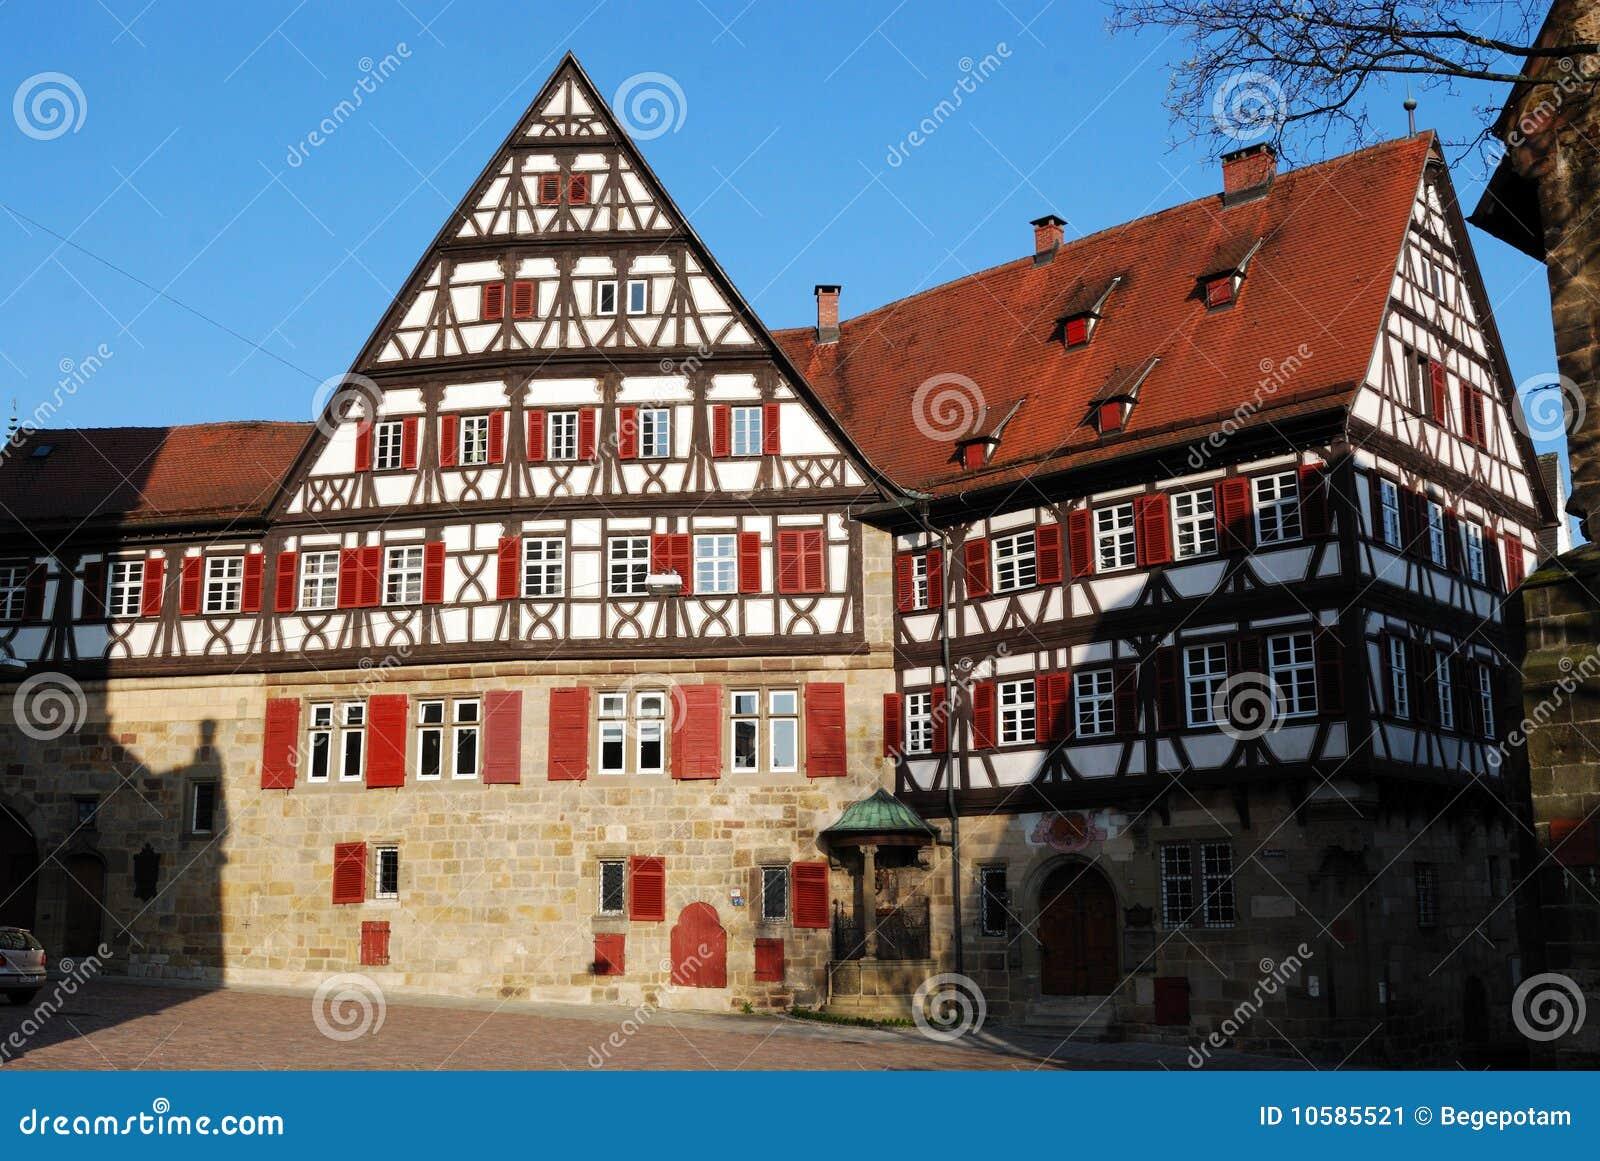 middeleeuws huis in stuttgart esslingen stadscentrum stock afbeelding beeld 10585521. Black Bedroom Furniture Sets. Home Design Ideas